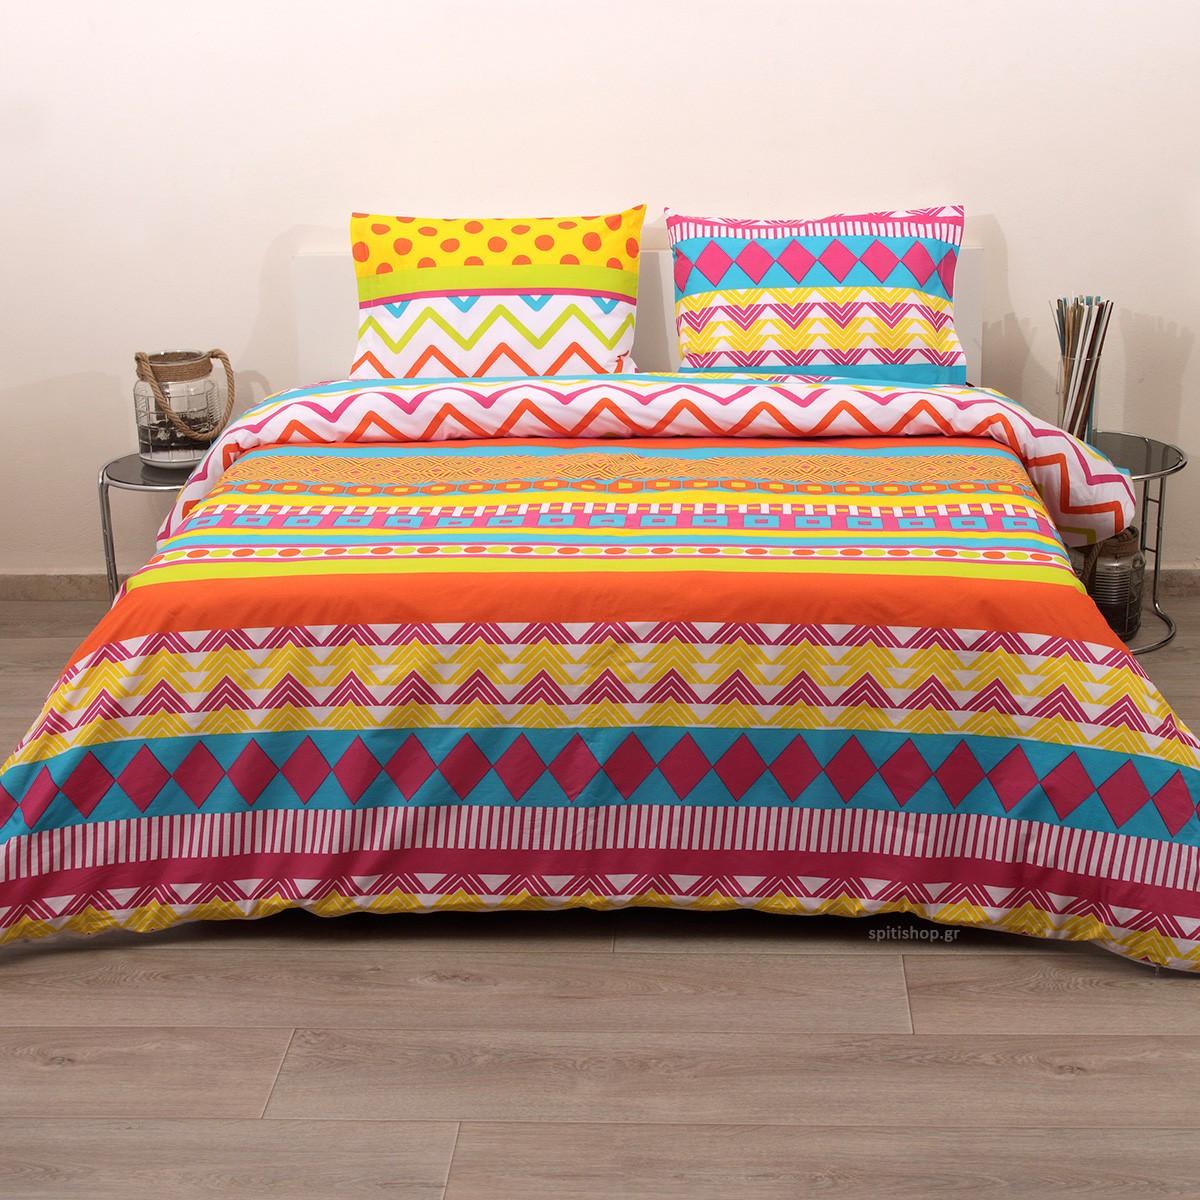 Πάπλωμα Ημίδιπλο (Σετ) Viopros Fresh Τζίντζερ home   κρεβατοκάμαρα   παπλώματα   παπλώματα ημίδιπλα   διπλά